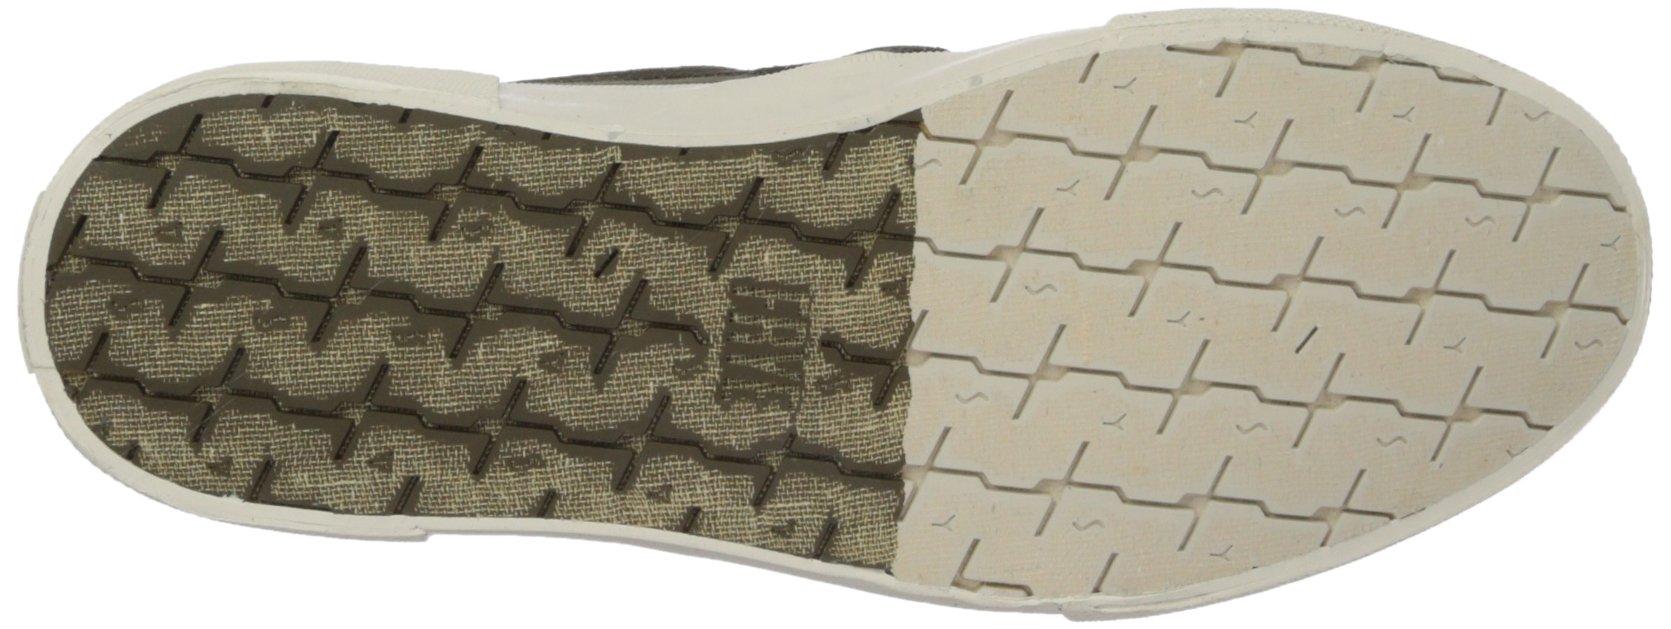 FRYE Men's Ludlow Slip ON Tennis Shoe Olive 9 M by FRYE (Image #3)